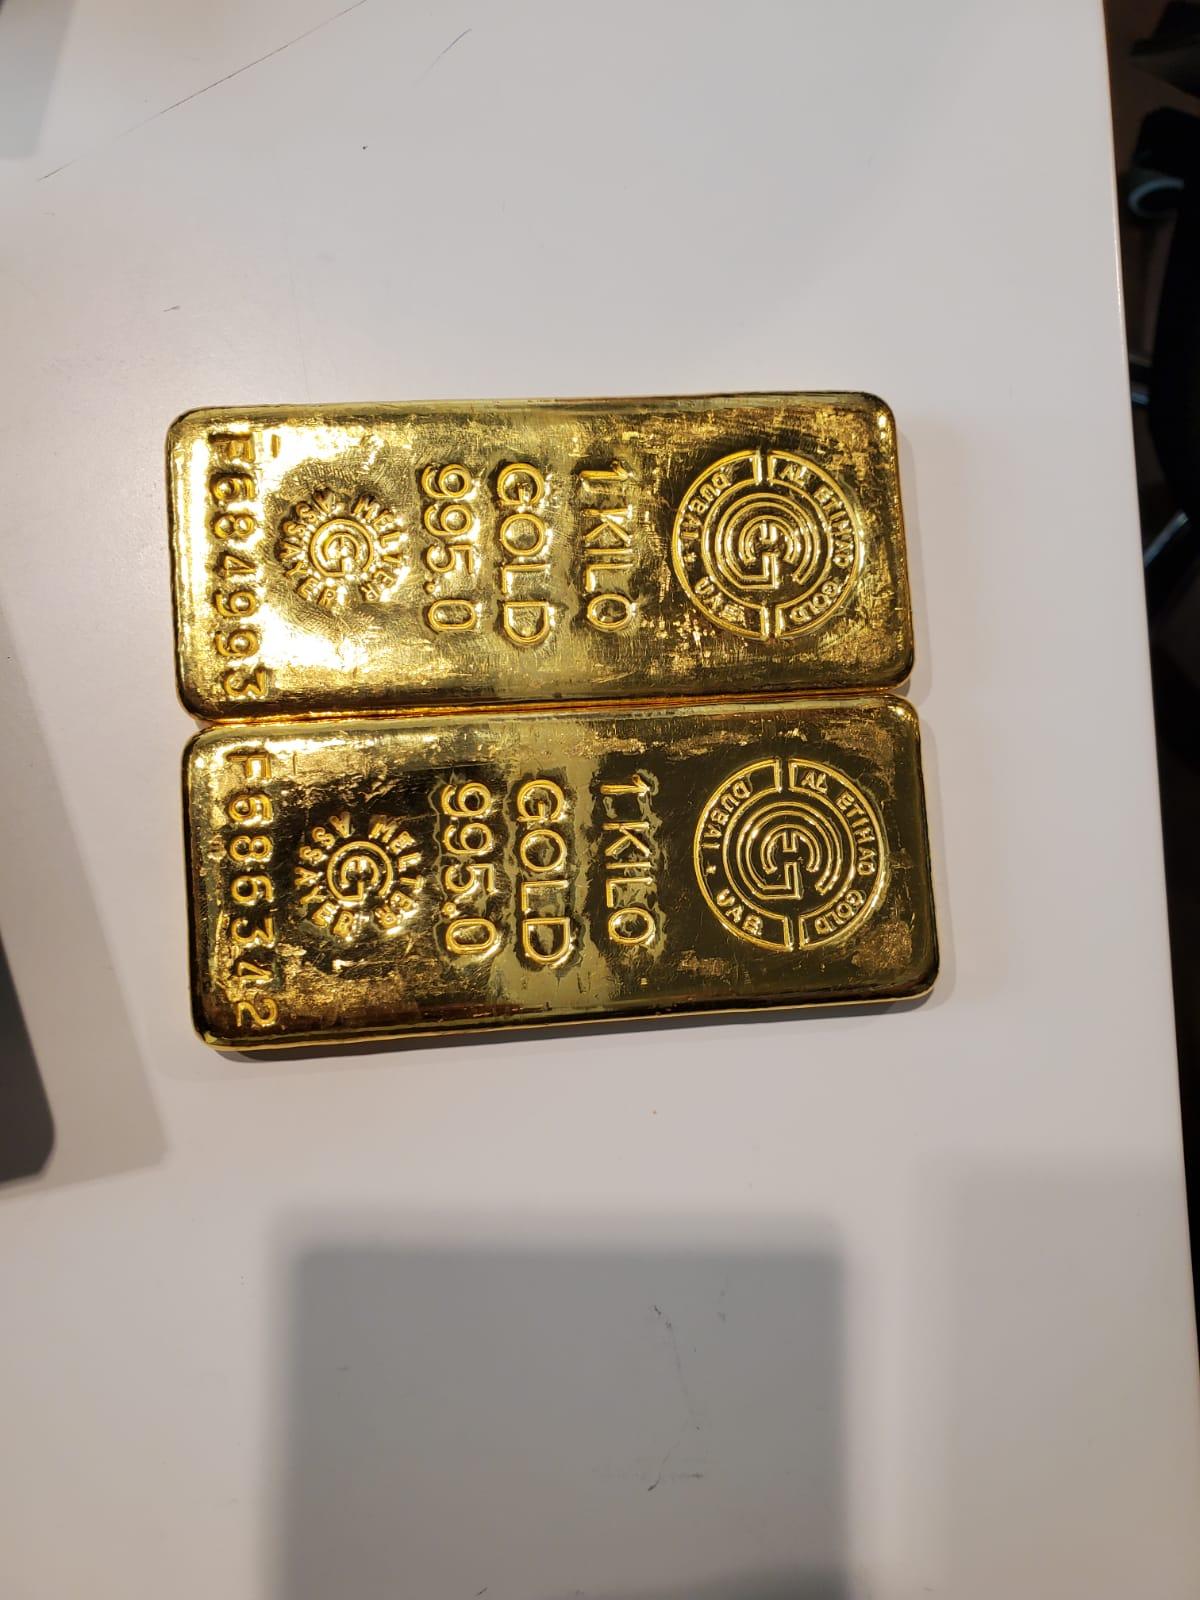 6kg Od Gold bars